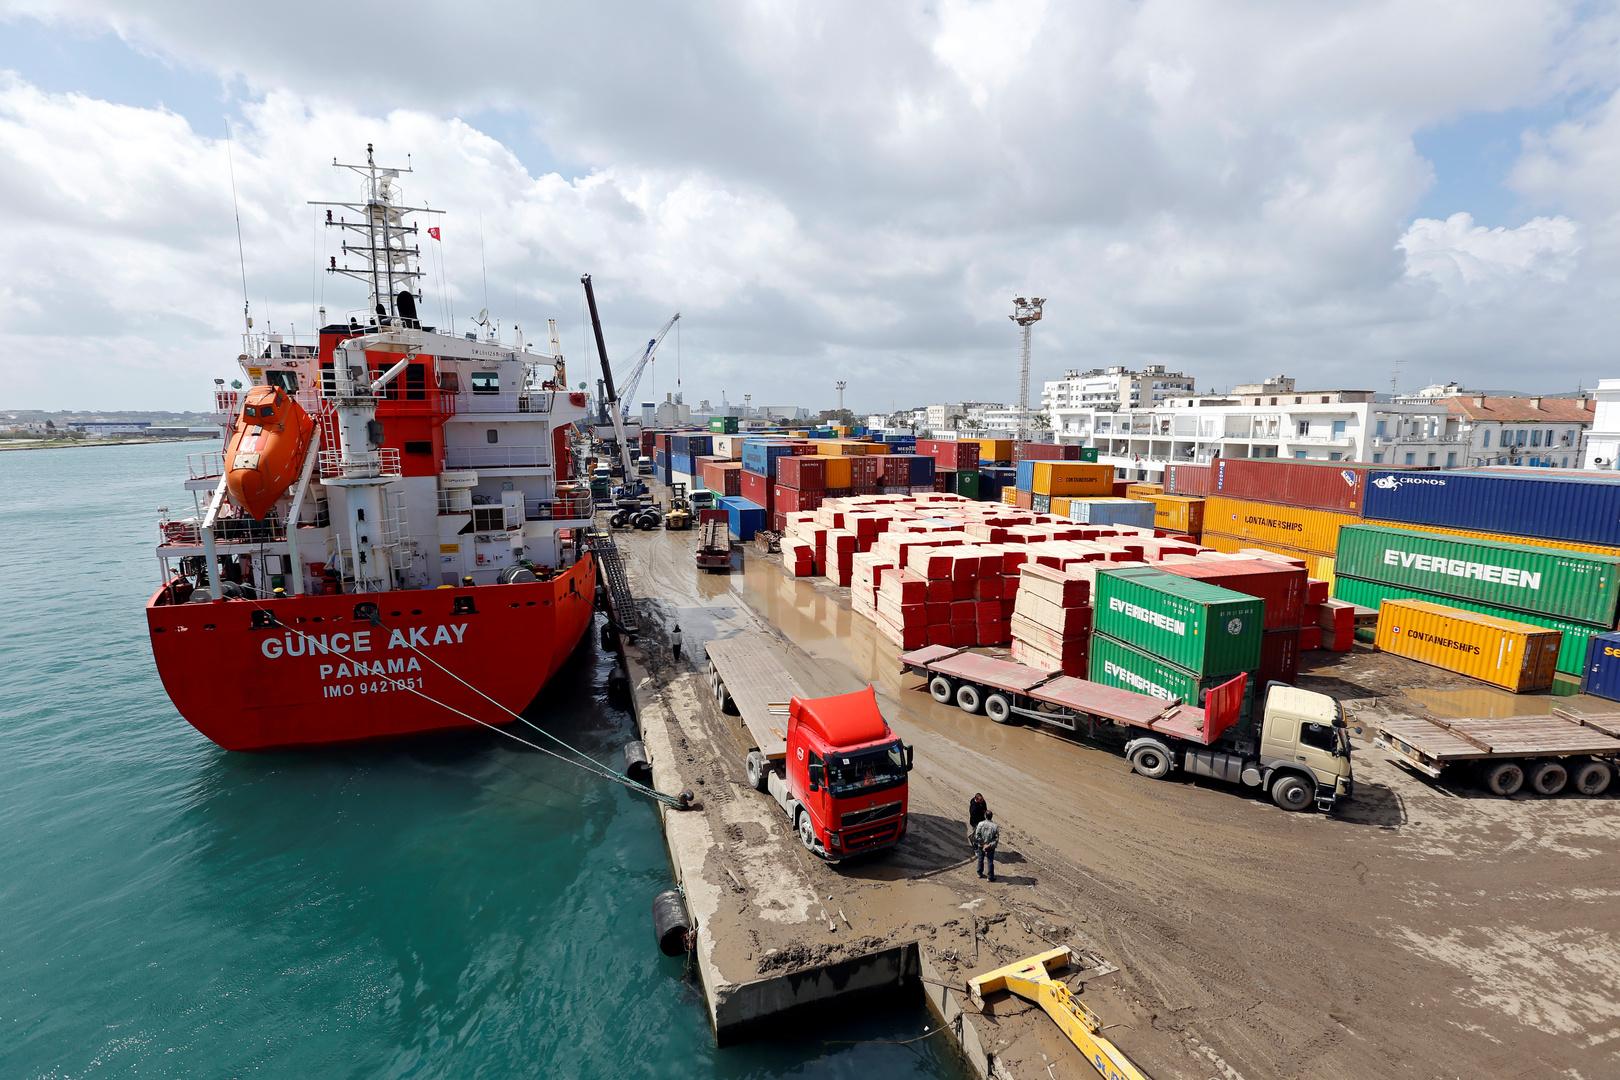 تونس مصدومة بعد فضيحة استيراد